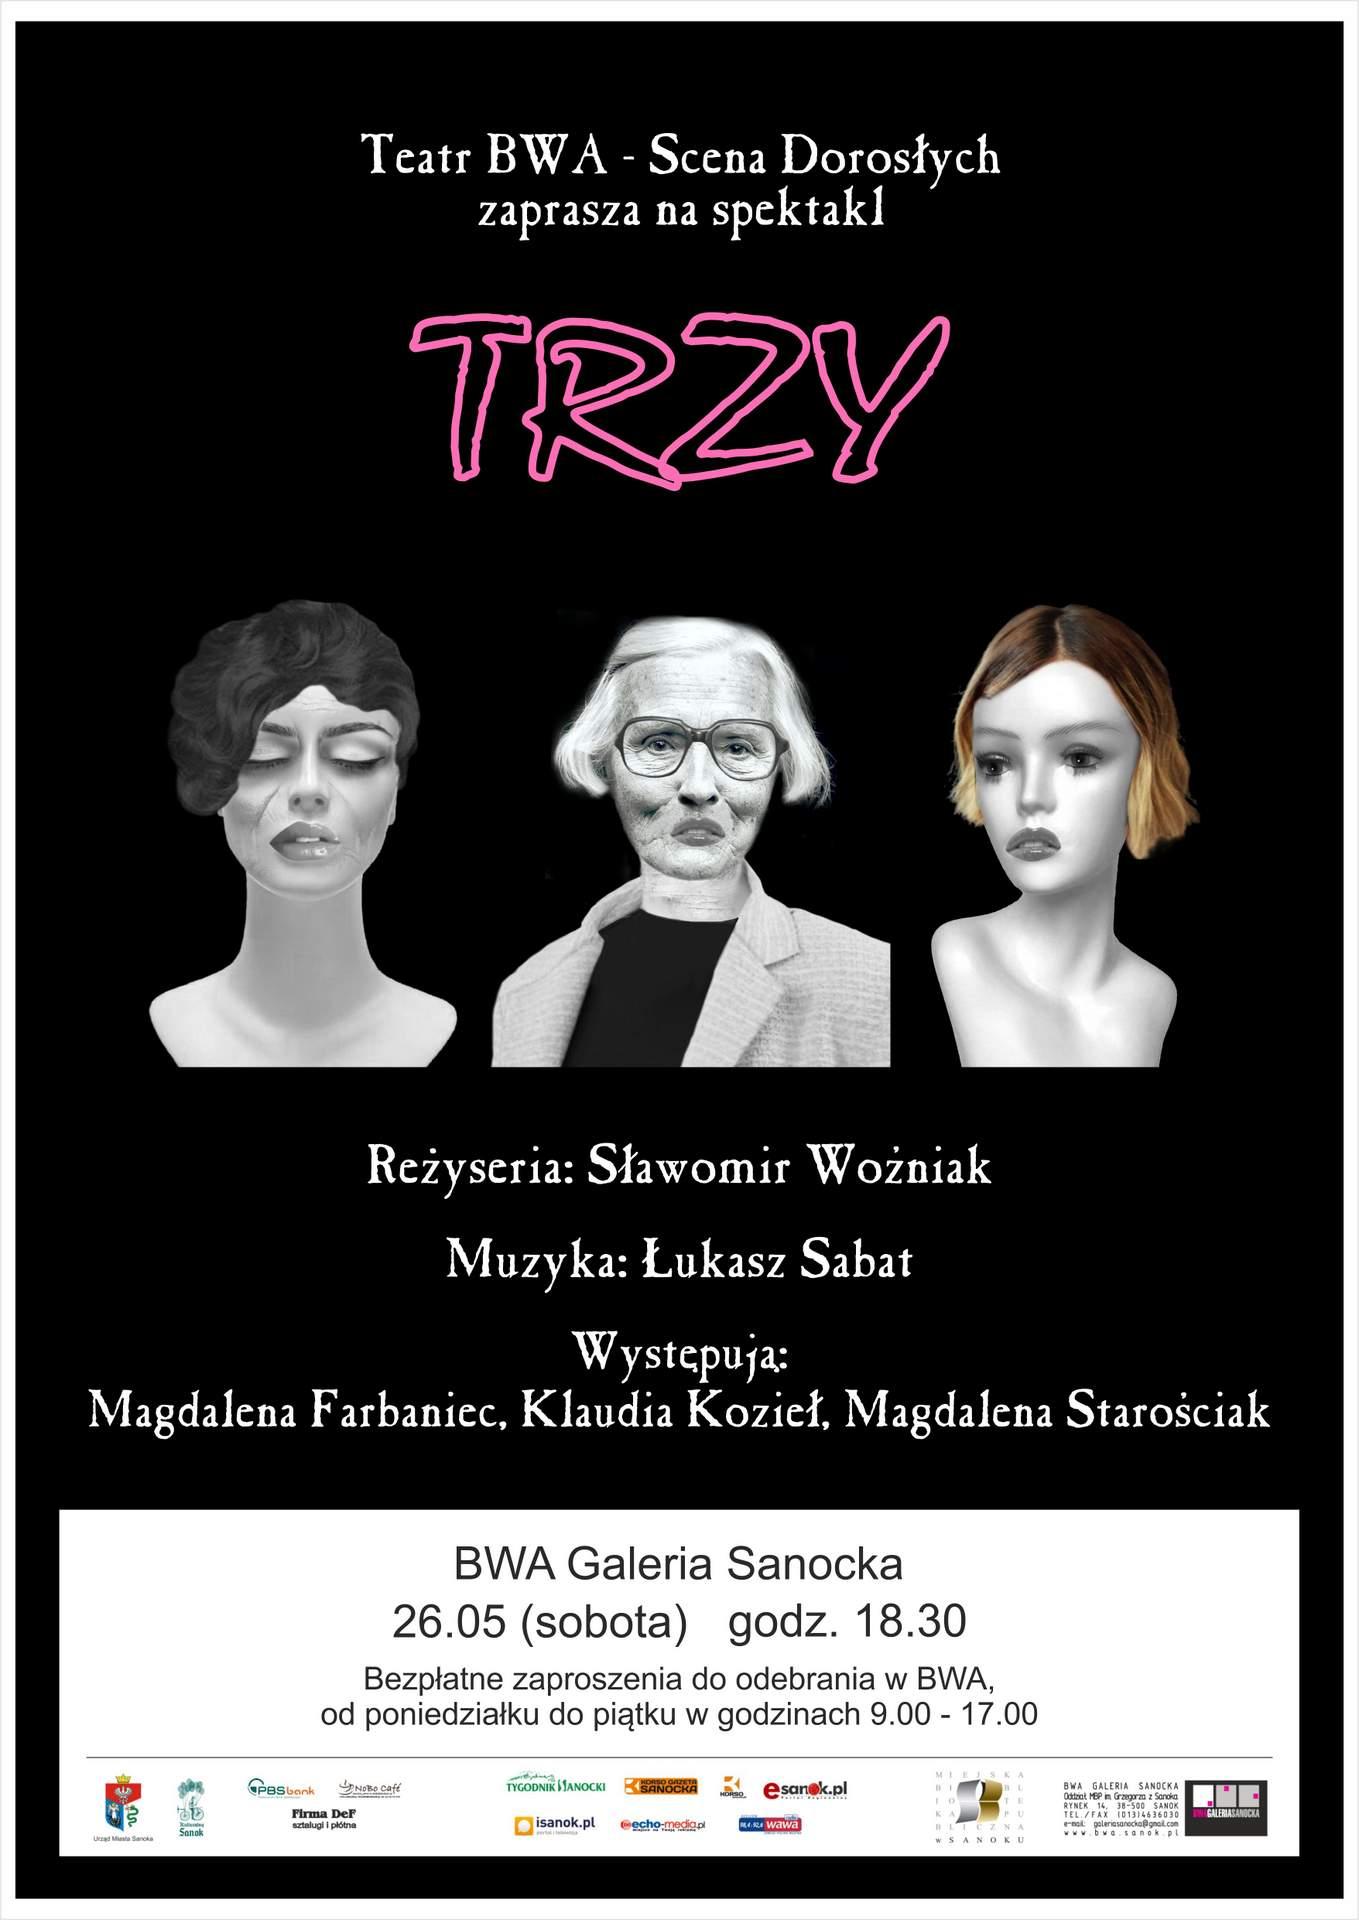 """Teatr BWA Scena Dorosłych zaprasza na spektakl: """"TRZY"""""""